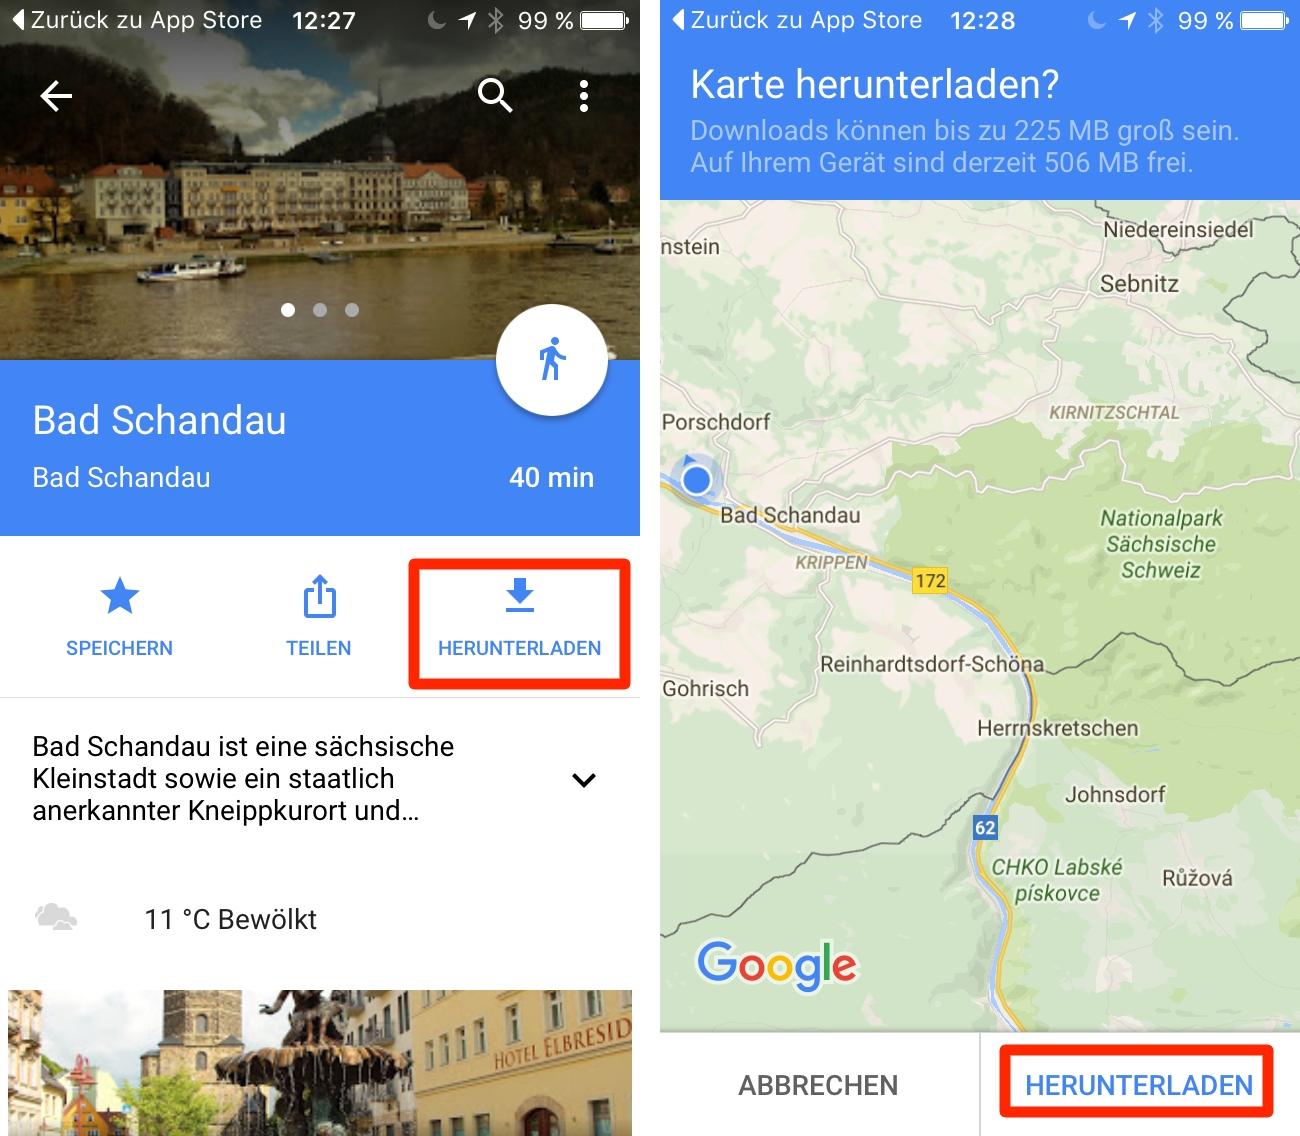 google maps ausschnitt